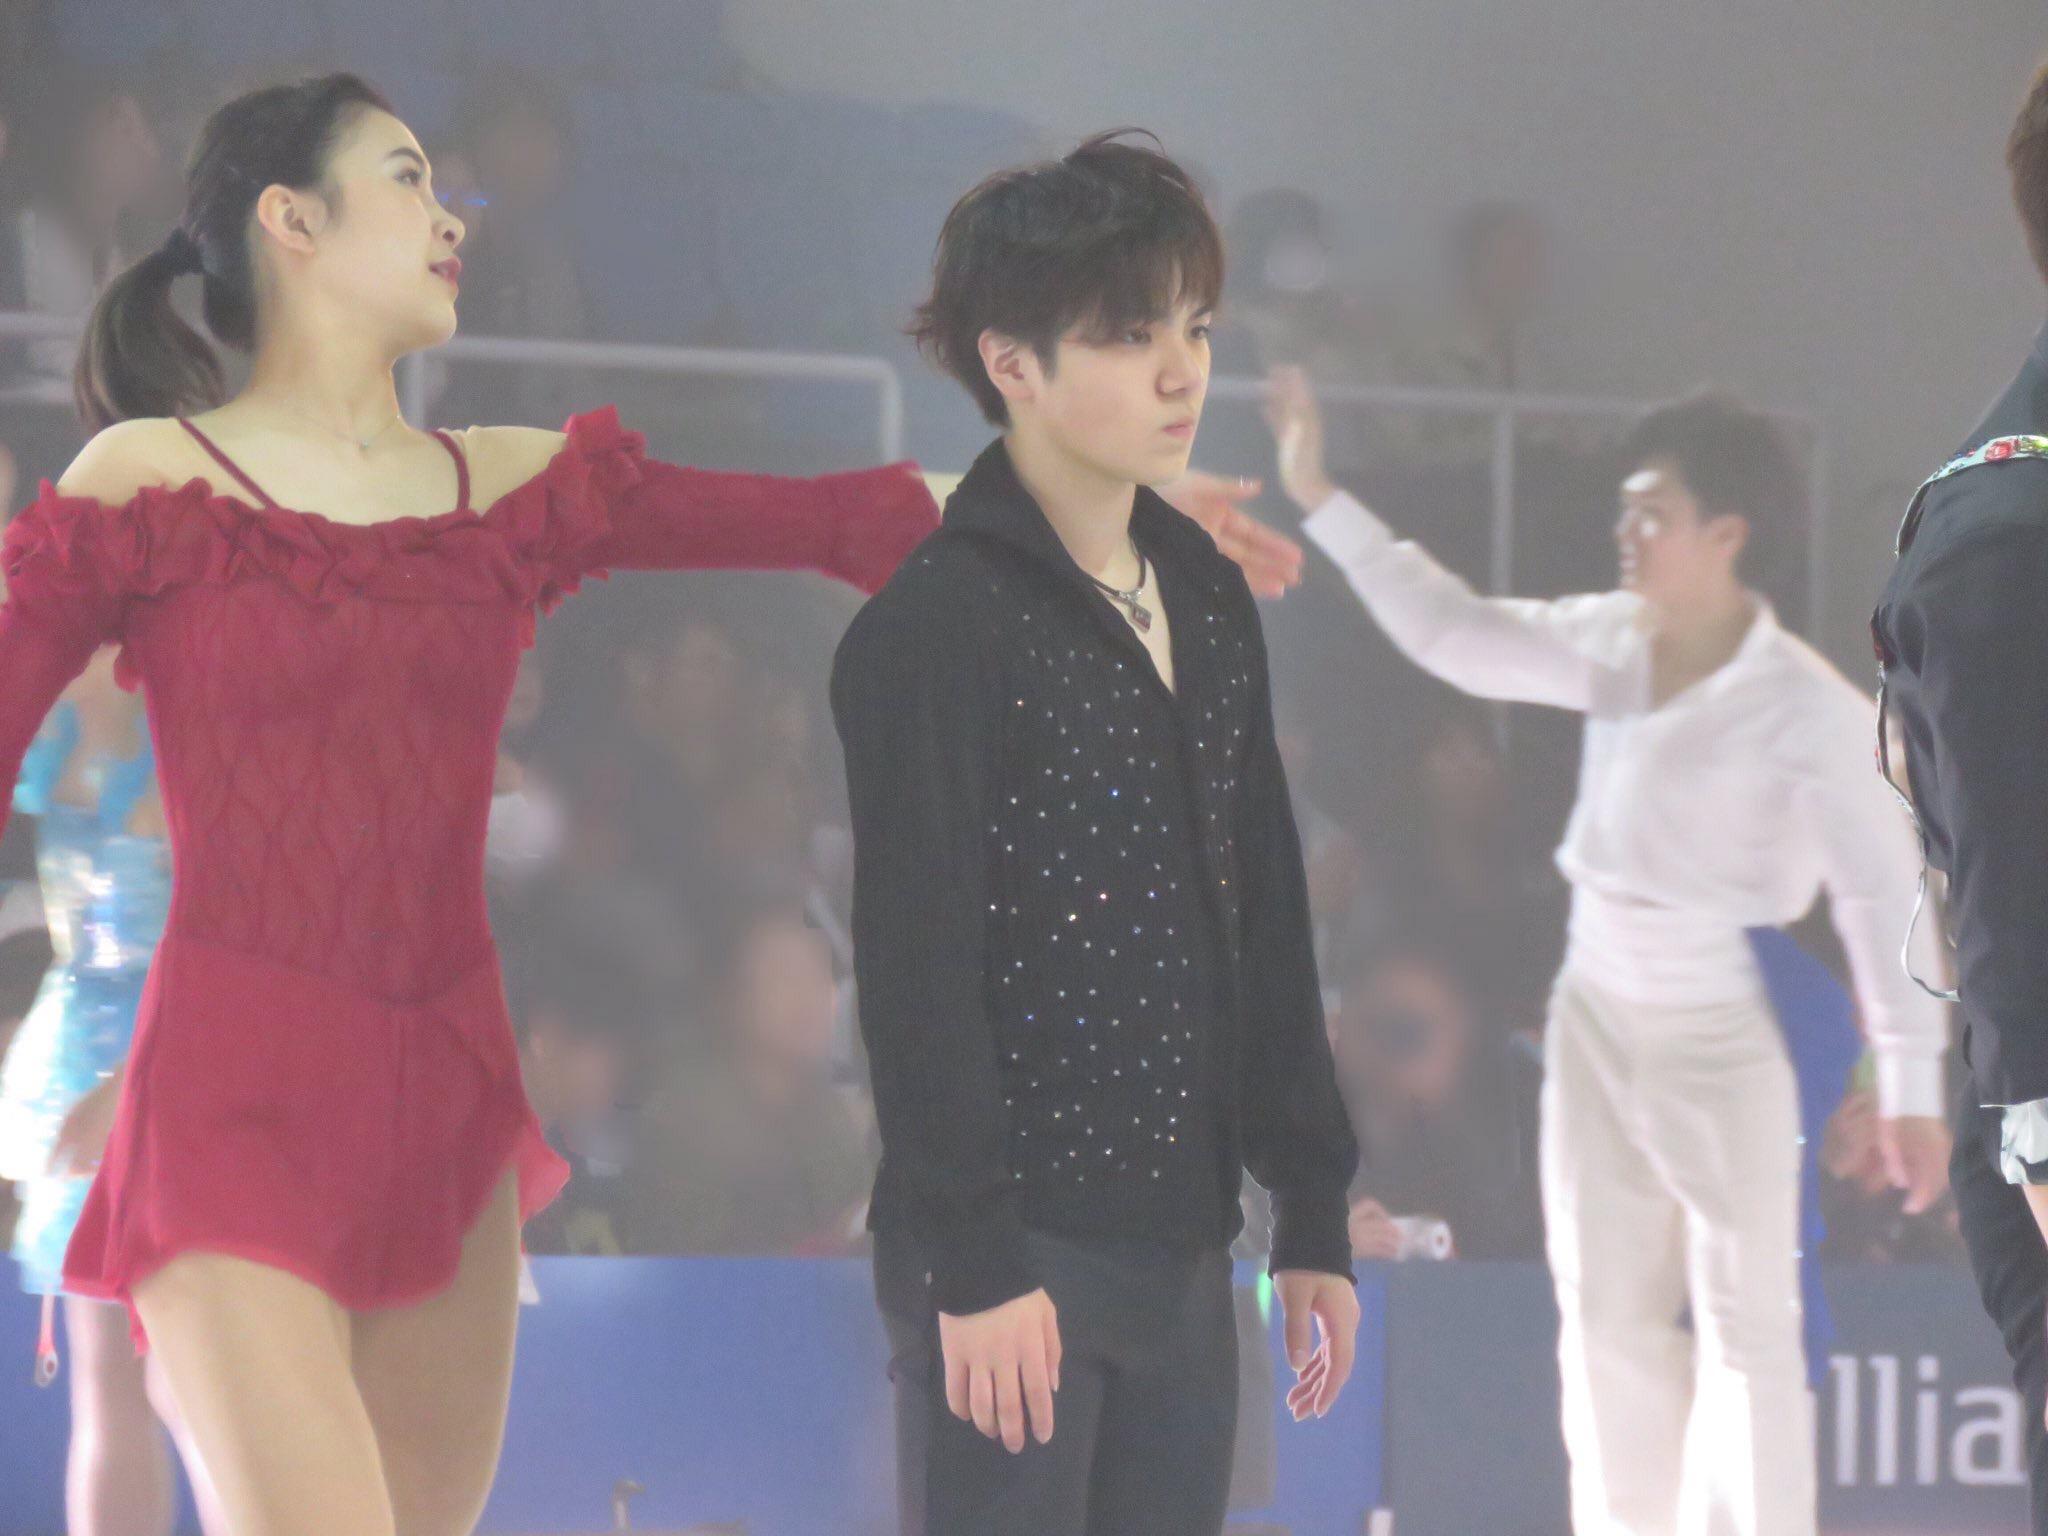 魂が抜けた表情の宇野昌磨選手がアイドルみたいでカッコいいと話題に